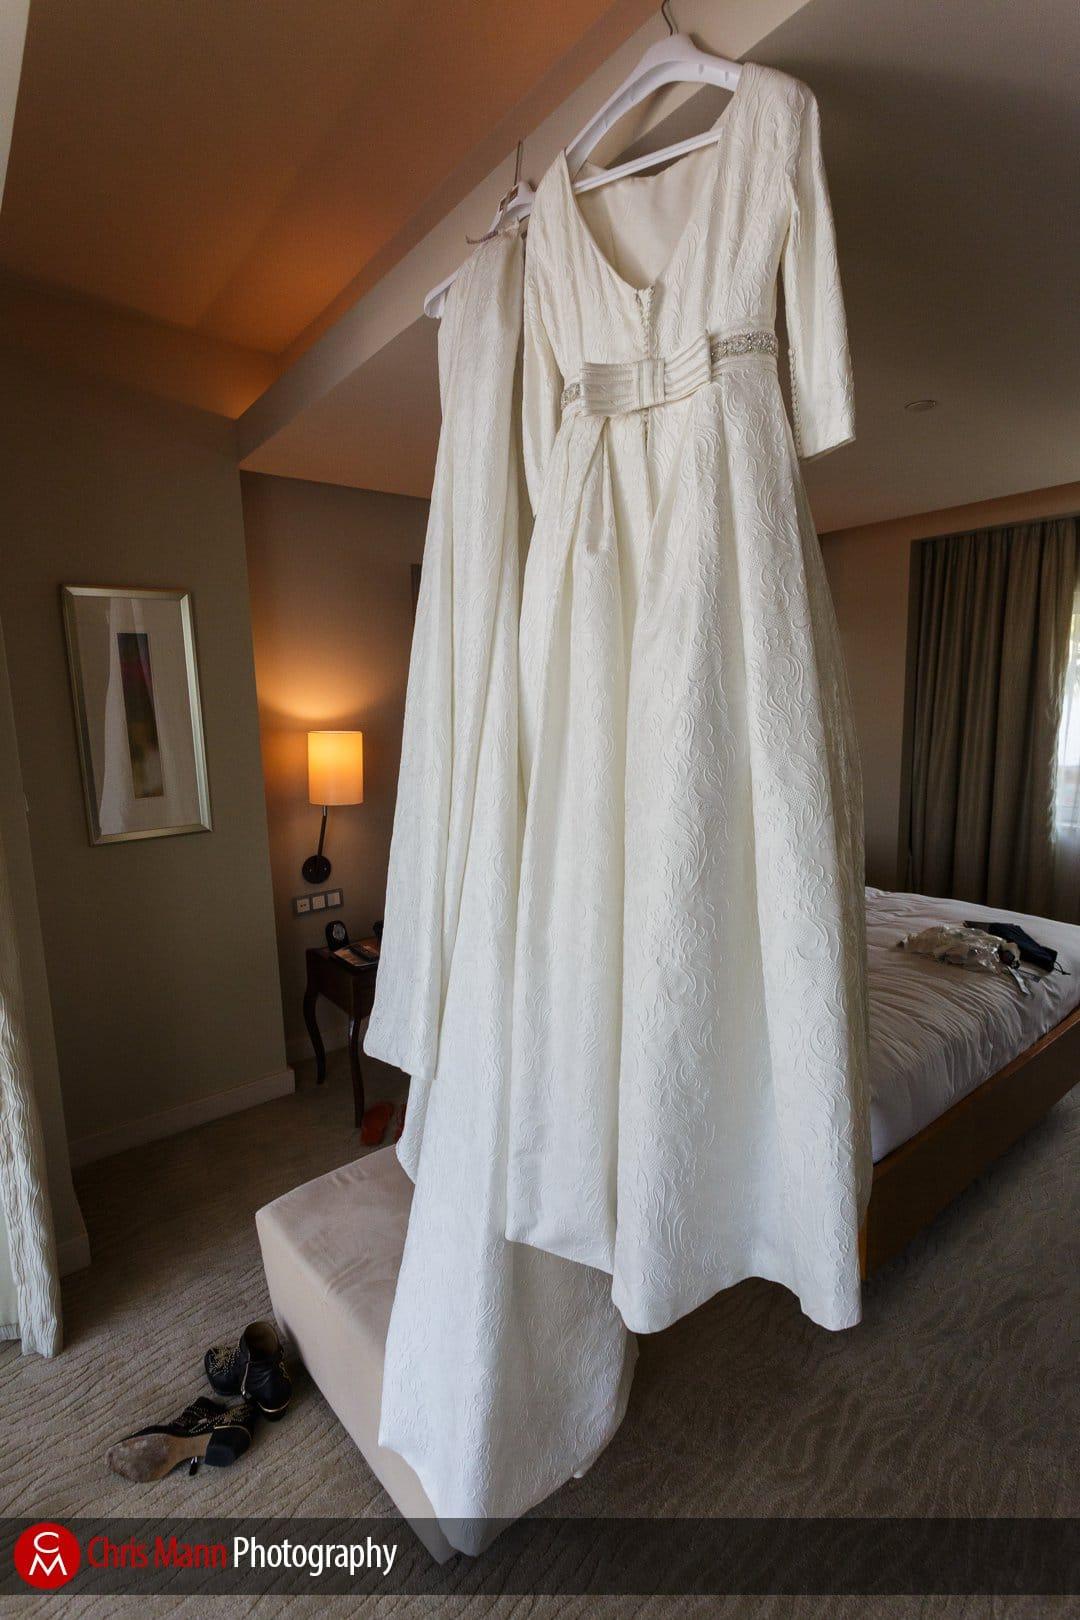 wedding dress hanging in room at Park Hyatt Dubai